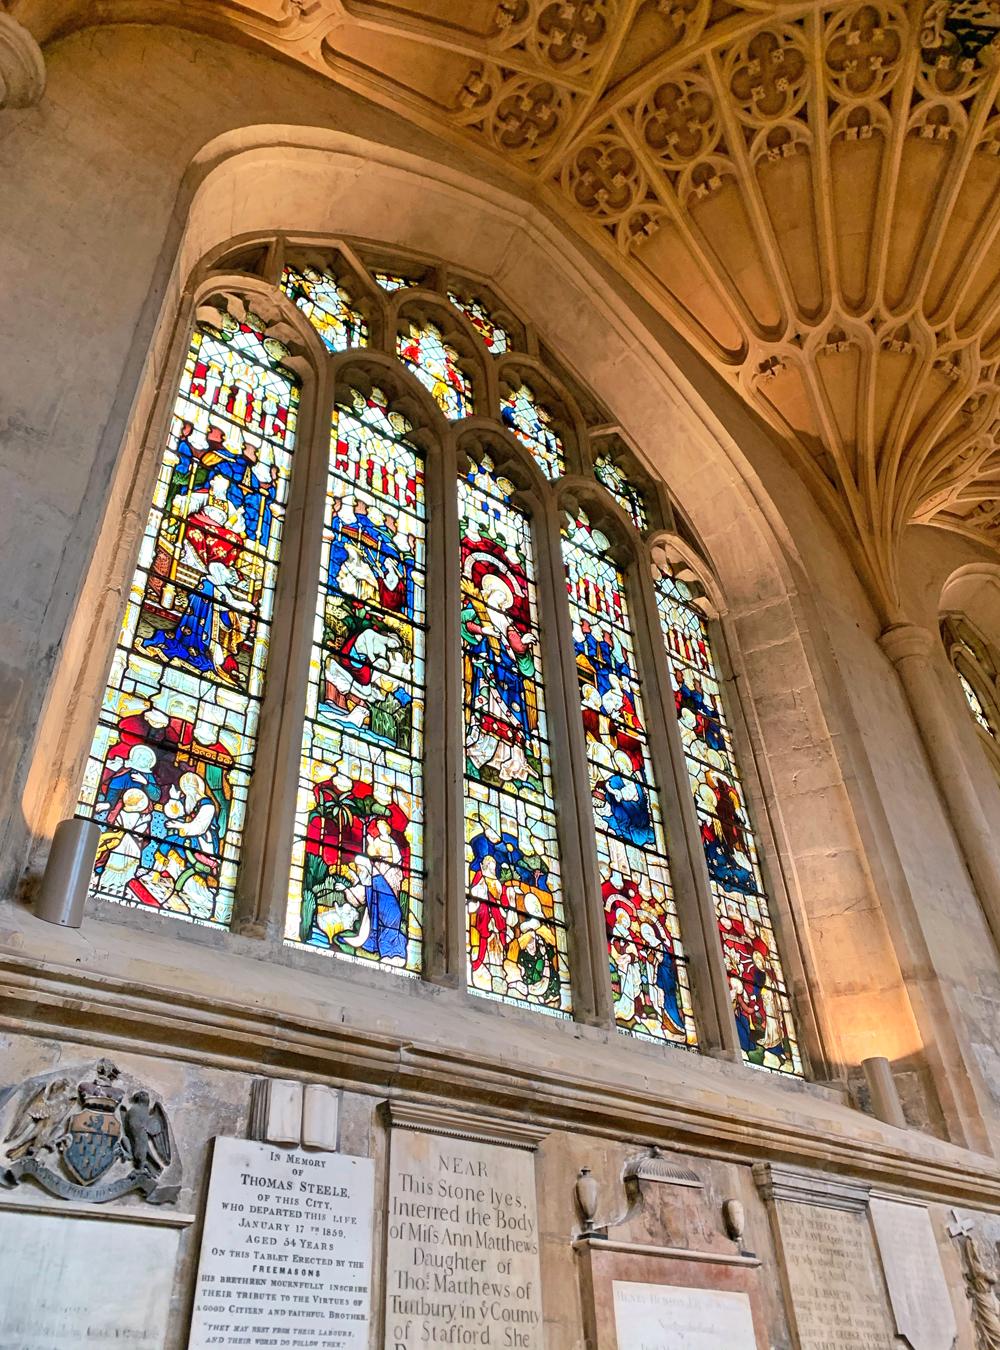 Bath Abbey stained glass windows, English architecture - Emma Louise Layla, UK travel & lifestyle blog